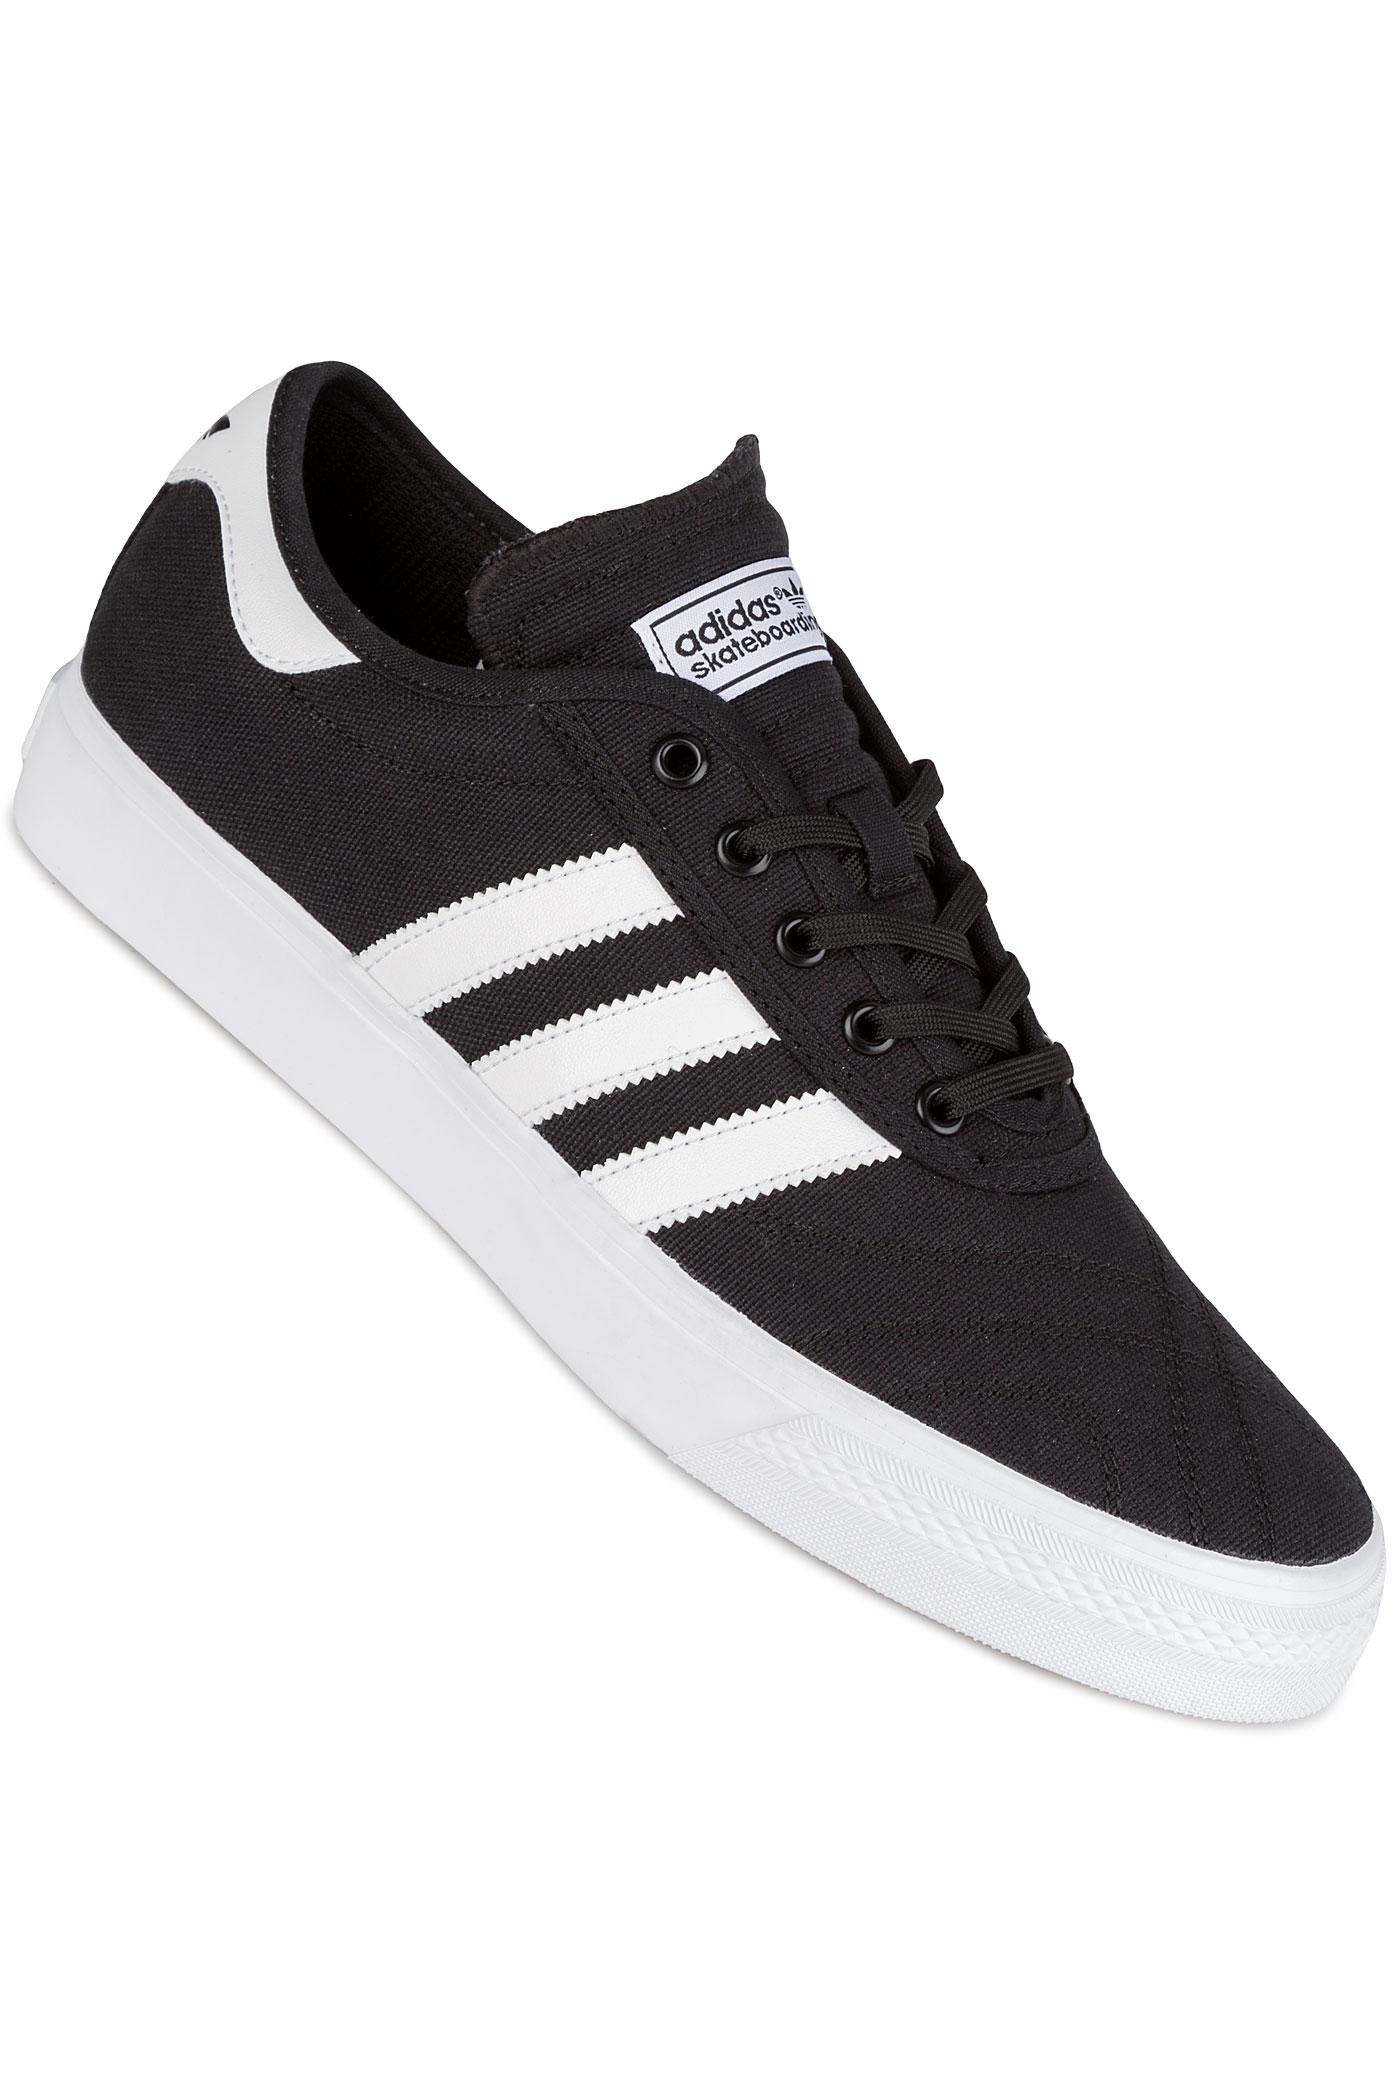 promo code d93d9 37c9c ... adidas Skateboarding Adi Ease Premiere Shoes (core black white gum) .